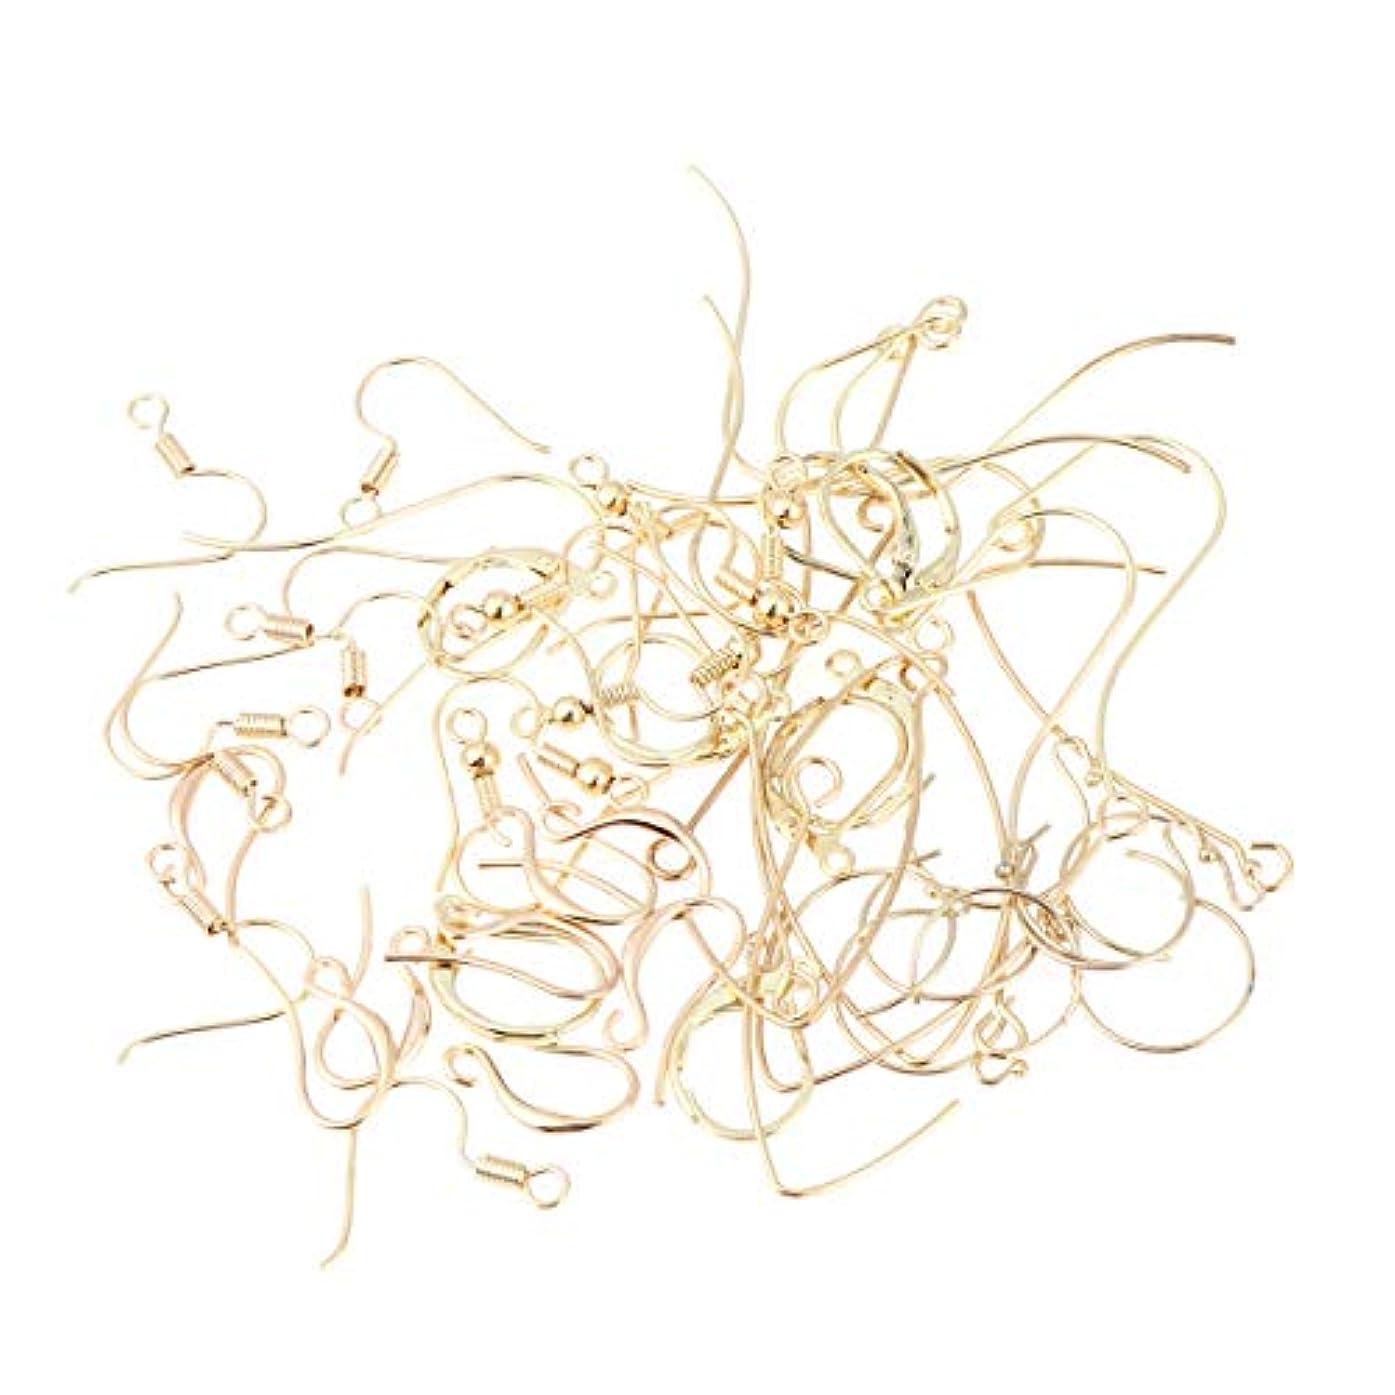 四腸つぶやきHealifty 56個 イヤリング フック イヤワイヤー ボールコイル diy工芸品 ジュエリー